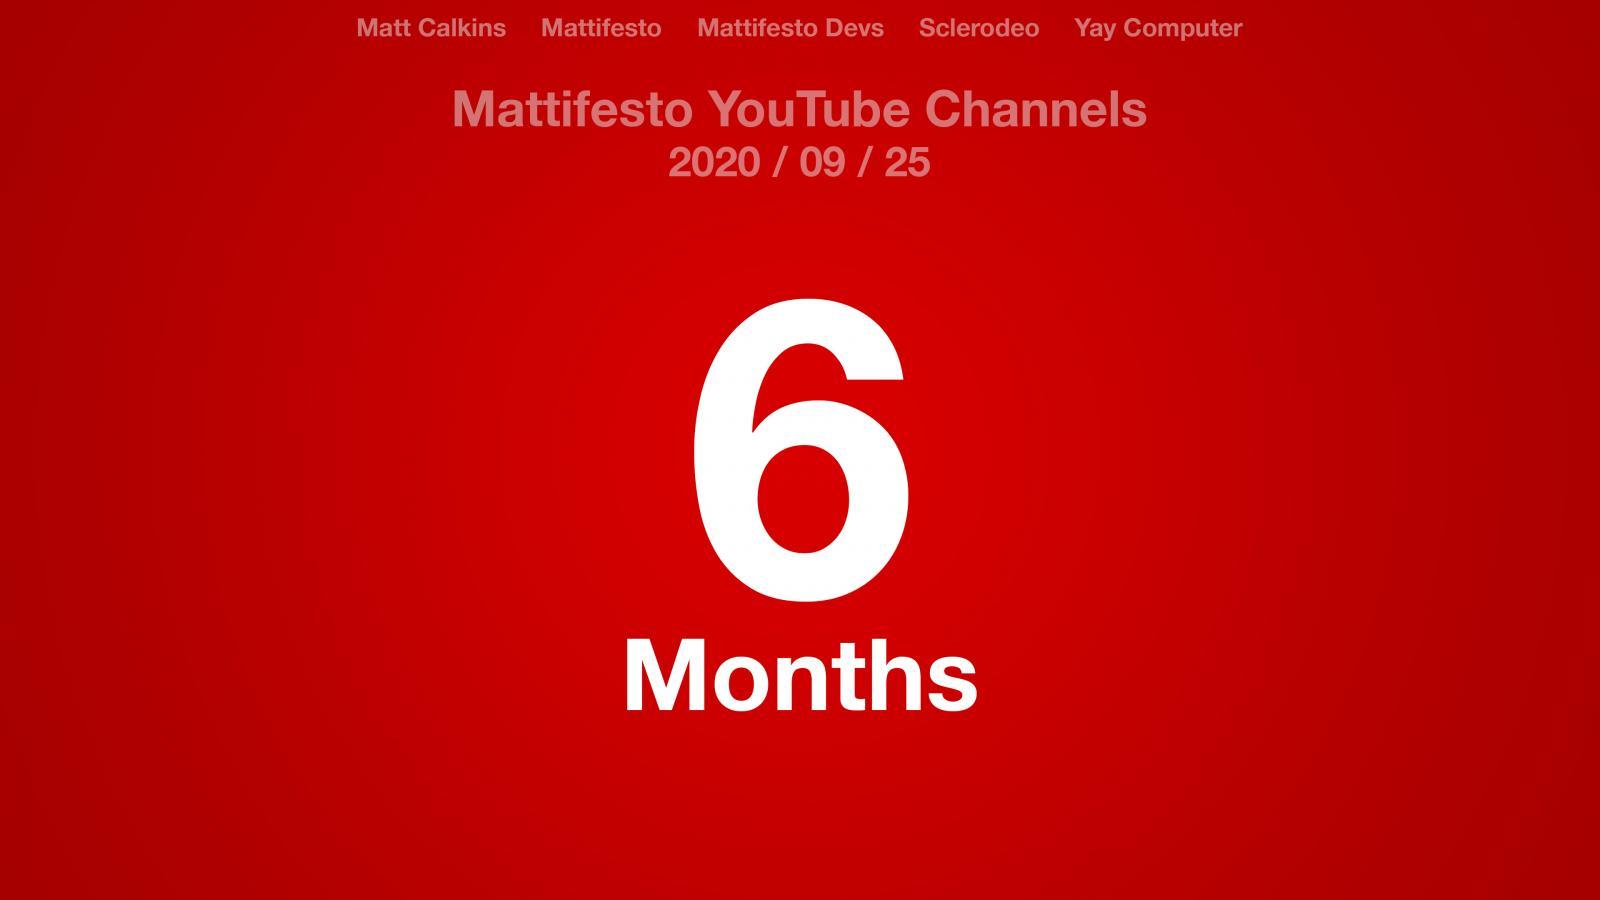 Red radial gradient with the text: Matt Calkins, Mattifesto, Mattifesto  Devs, Sclerodeo, Yay Computer, Mattifesto YouTube Channels 2020/09/25 6 Months